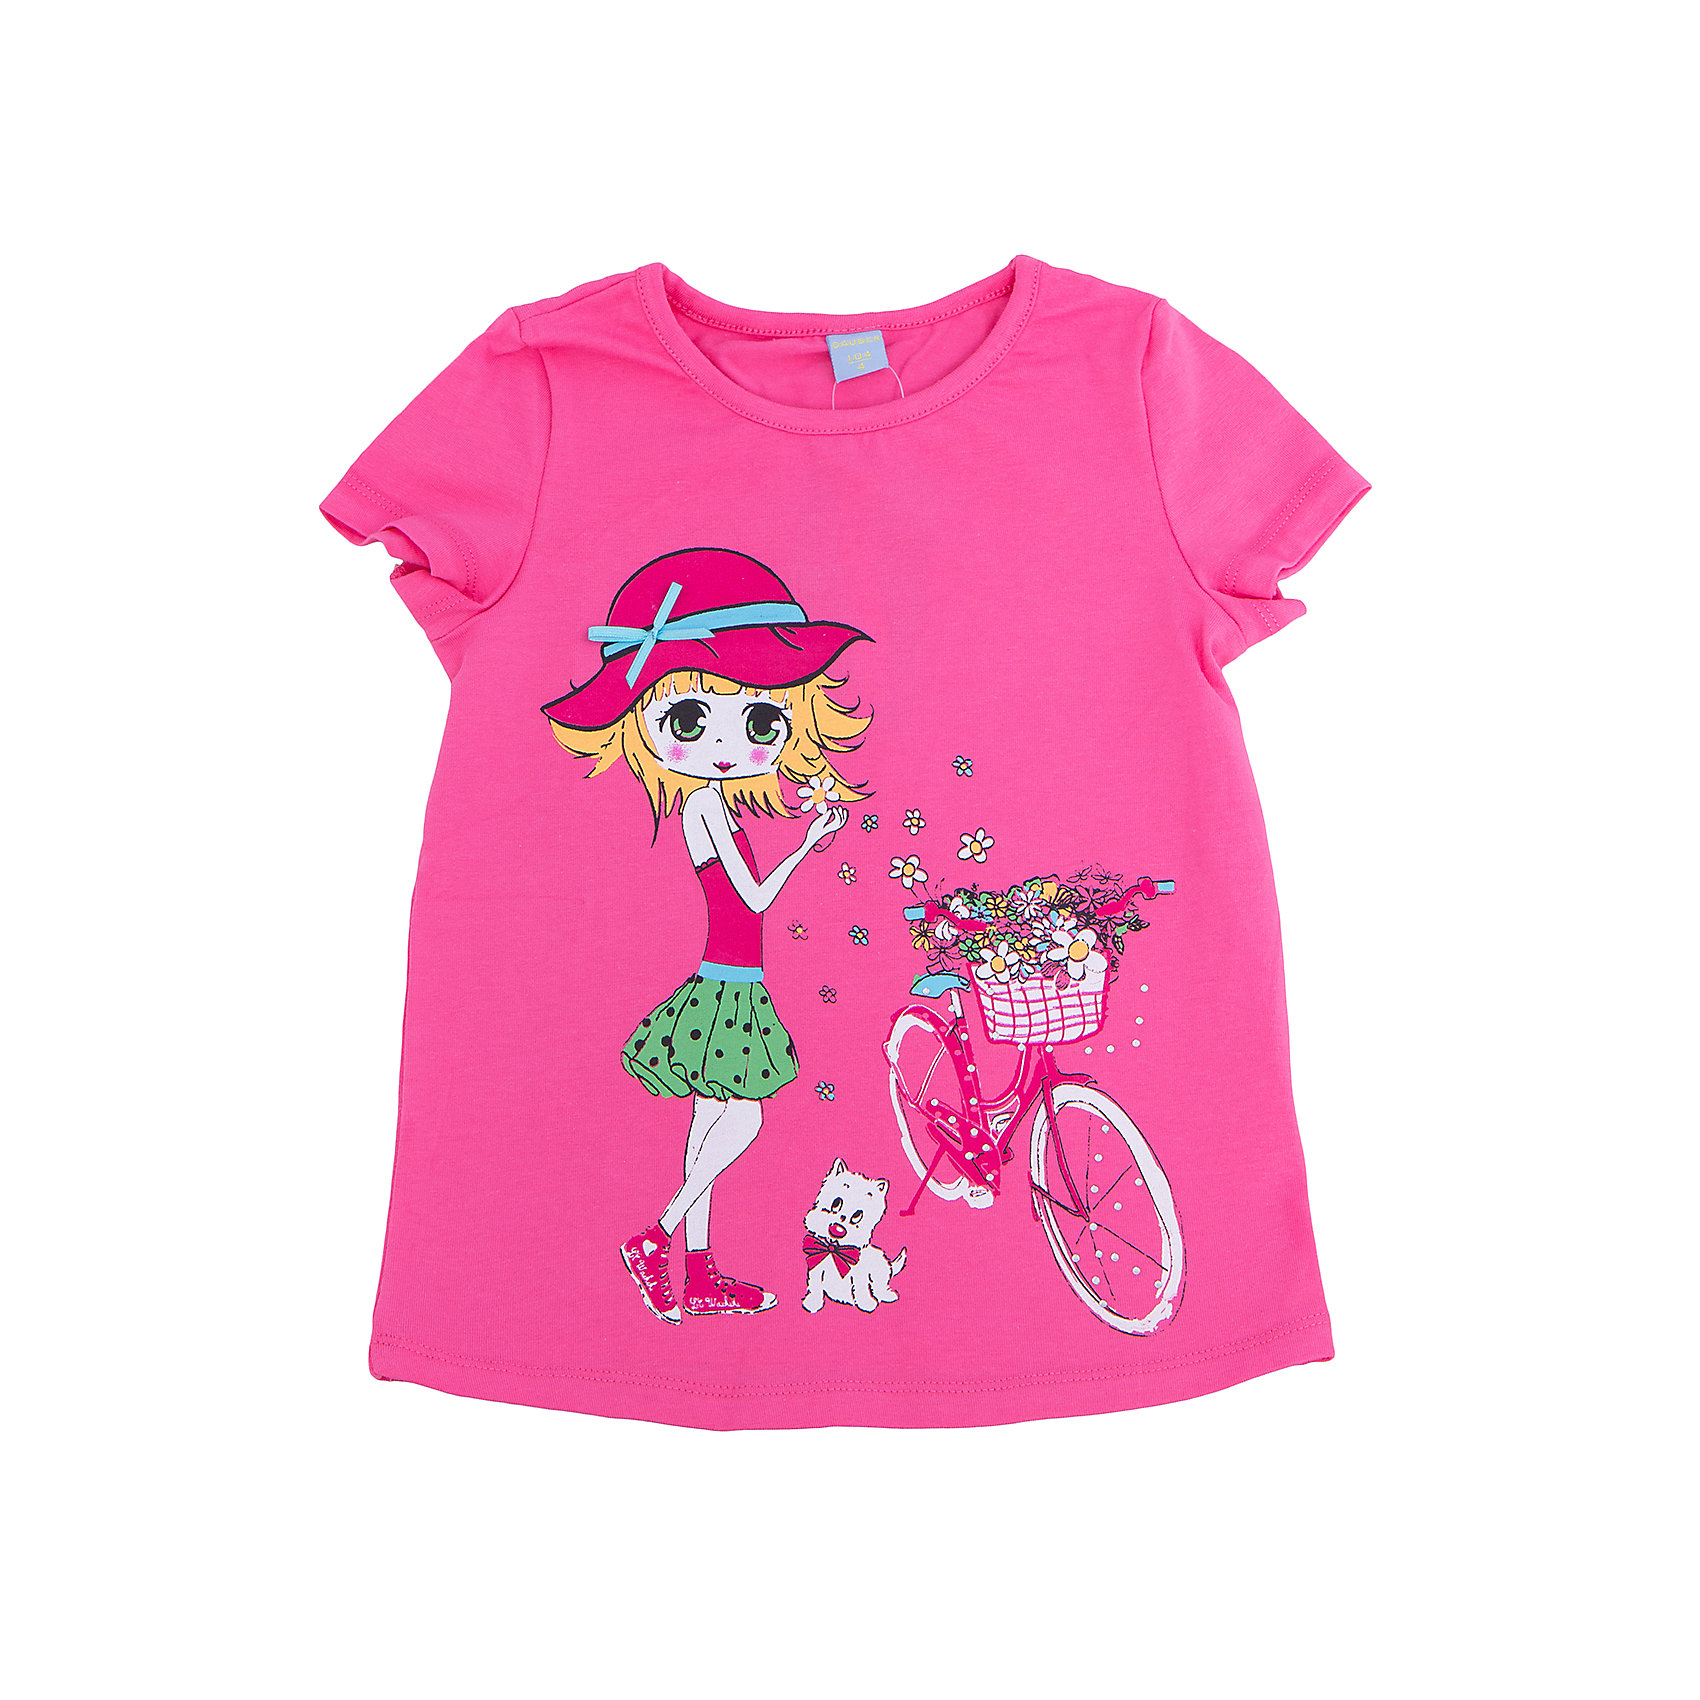 Футболка для девочки DAUBERФутболка для девочки DAUBER<br><br>Характеристики:<br><br>• Состав: 95%хлопок, 5% лайкра.<br>• Цвет: розовый.<br>• Материал: трикотаж.<br><br>Футболка для девочки от российского бренда DAUBER.<br>Модная футболка ярко- розового цвета выполнена из хлопкового трикотажа. Оригинальный принт в виде забавной девочки не оставит равнодушной вашу малышку. Натуральный хлопок в составе изделия делает его дышащим, приятным на ощупь и гипоаллергенным. Мягкая обтачка на горловине не вызовет трудностей при надевании. В такой футболке ваша девочка будет чувствовать себя комфортно и уютно.<br><br>Футболку для девочки DAUBER, можно купить в нашем интернет - магазине<br><br>Ширина мм: 199<br>Глубина мм: 10<br>Высота мм: 161<br>Вес г: 151<br>Цвет: розовый<br>Возраст от месяцев: 132<br>Возраст до месяцев: 144<br>Пол: Женский<br>Возраст: Детский<br>Размер: 152,128,134,140,146<br>SKU: 4953422